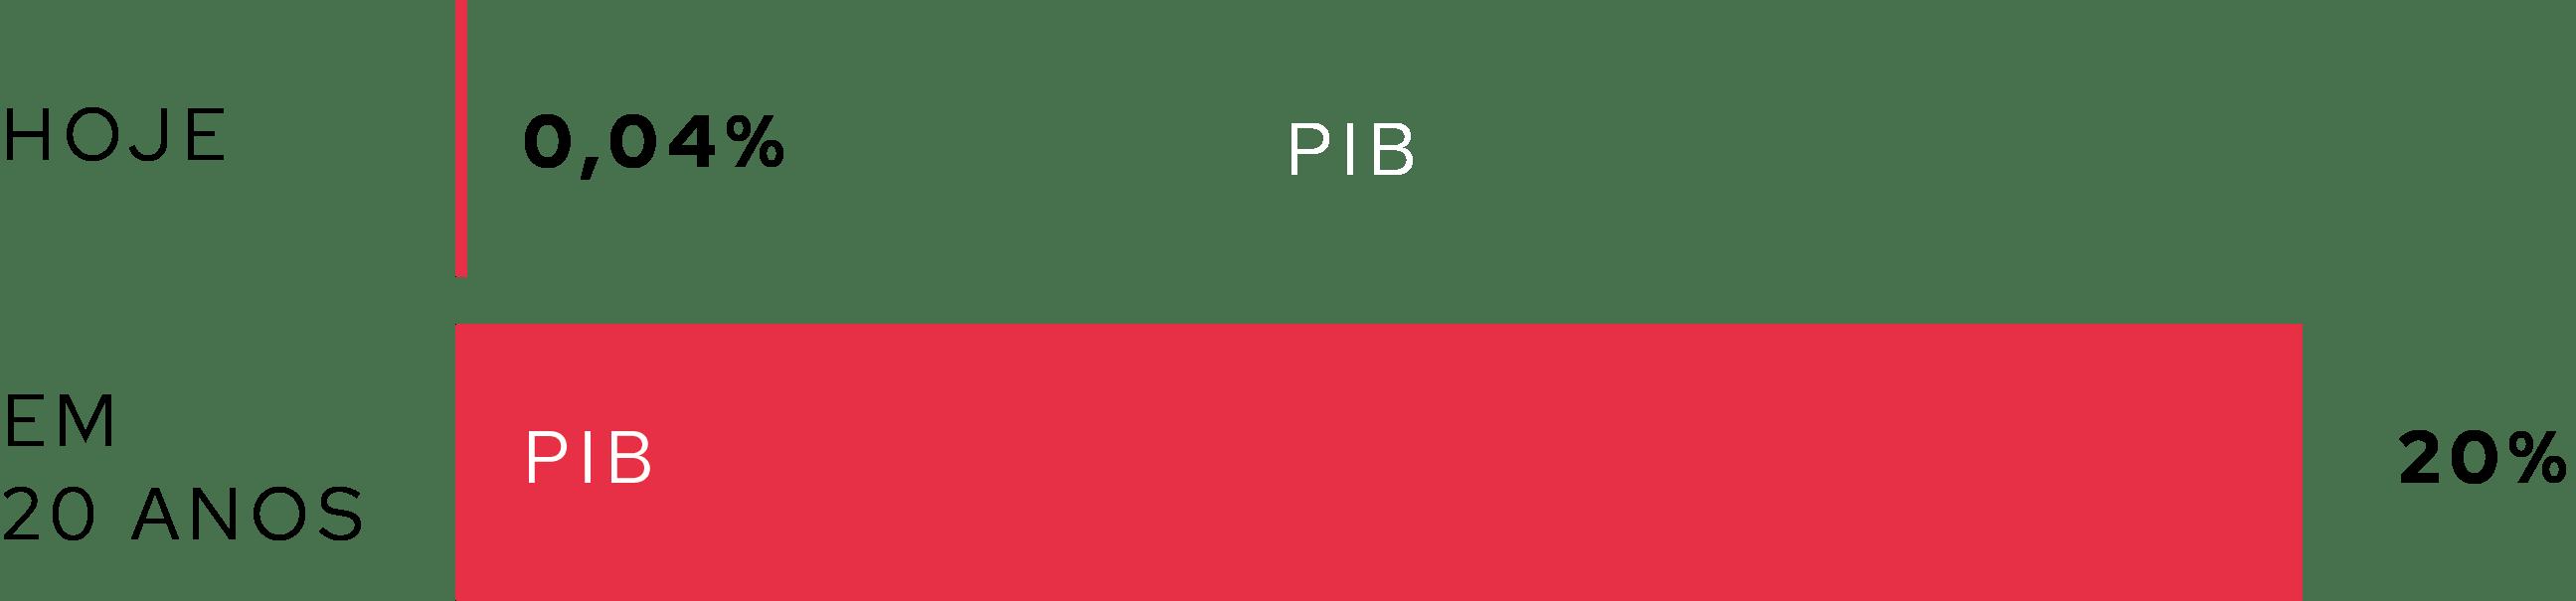 participação do home equity no pib